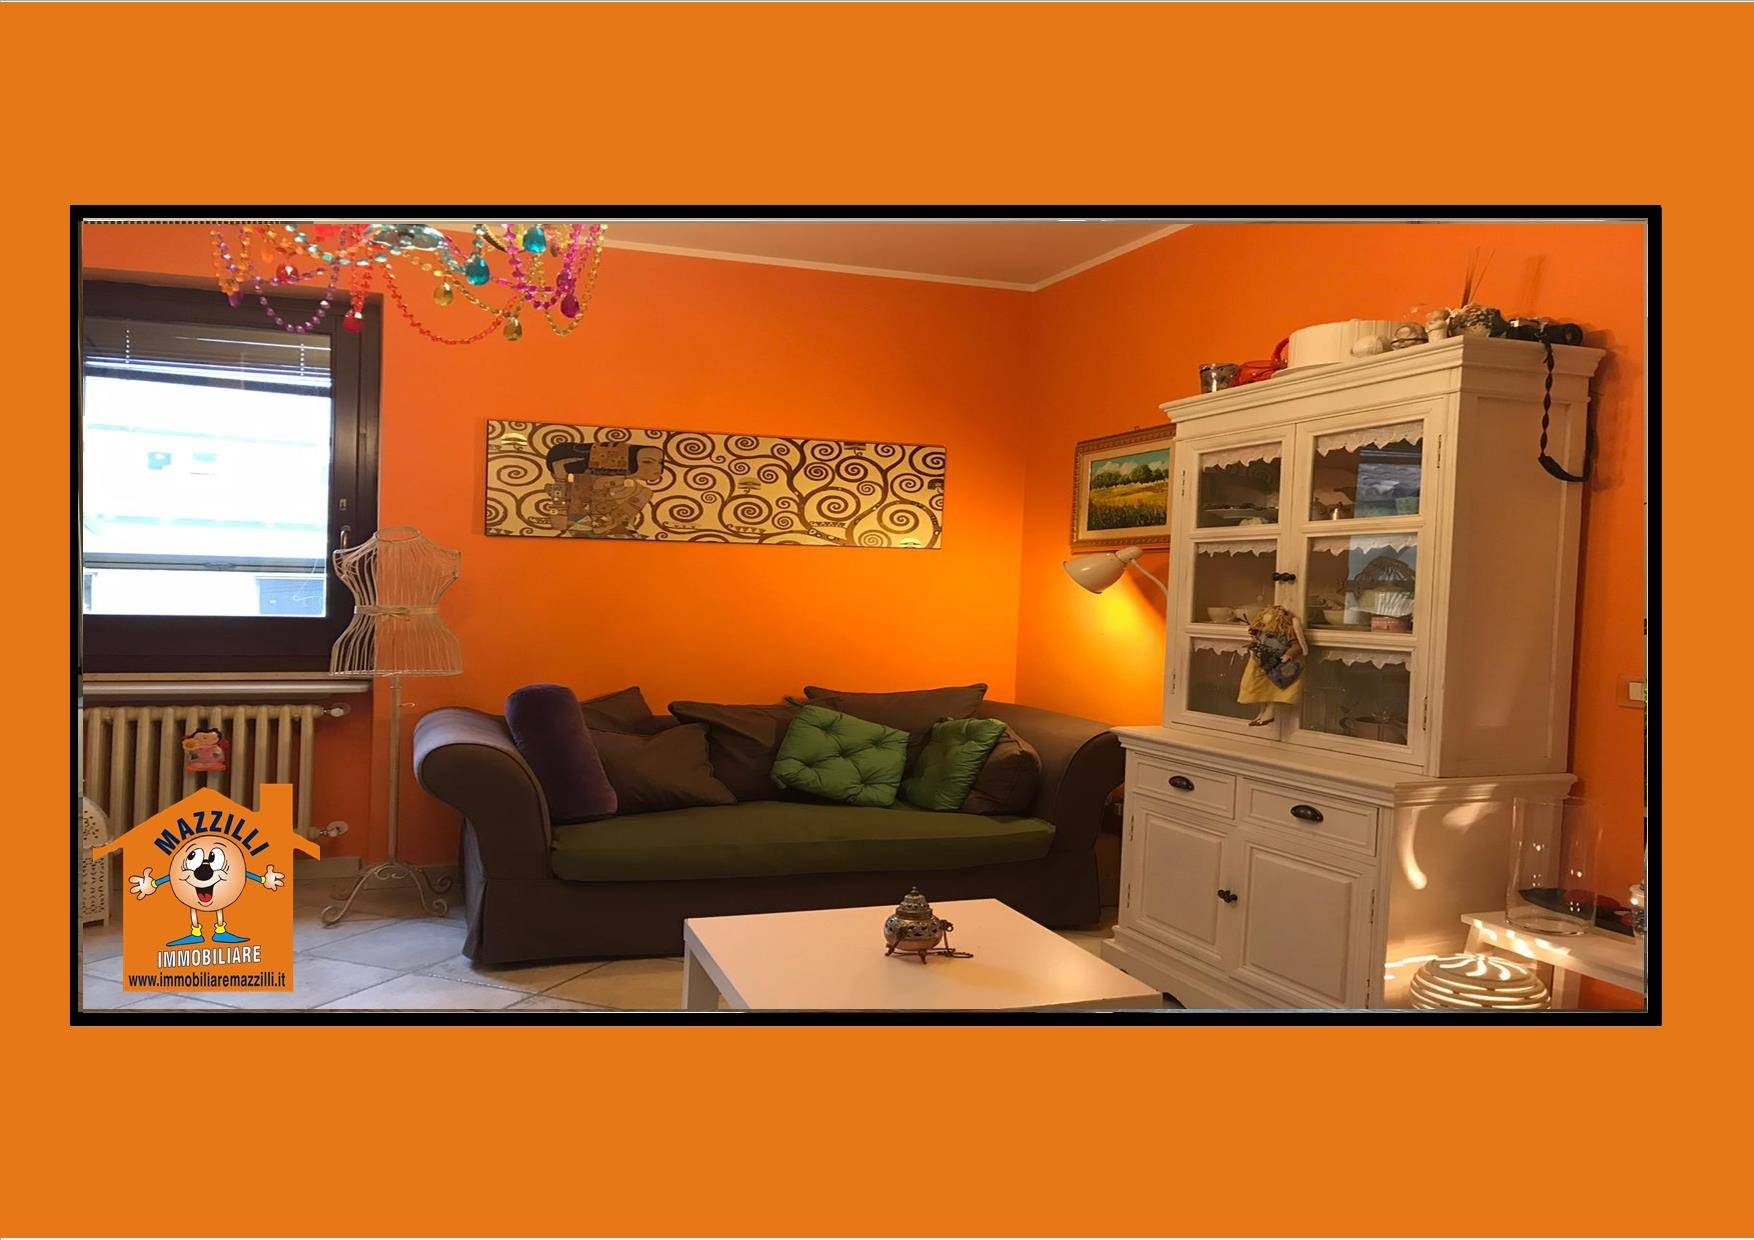 Appartamento in vendita a Potenza, 2 locali, zona Zona: Centro storico, prezzo € 78.000 | CambioCasa.it